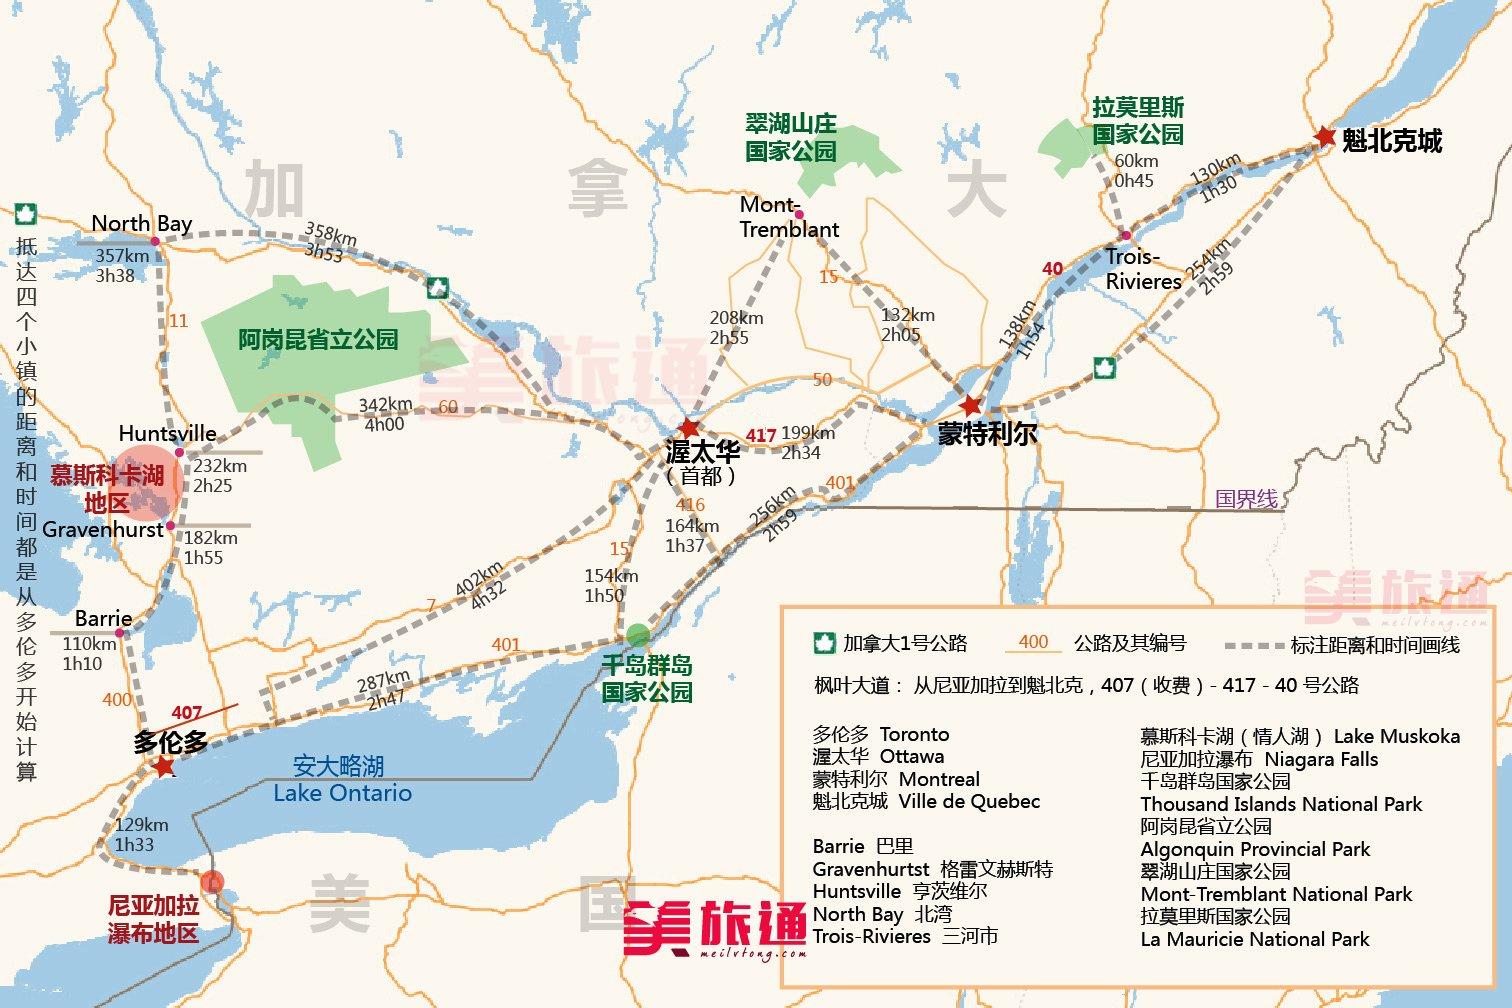 《加拿大东部自驾枫叶大道15天行程规划(干货)》